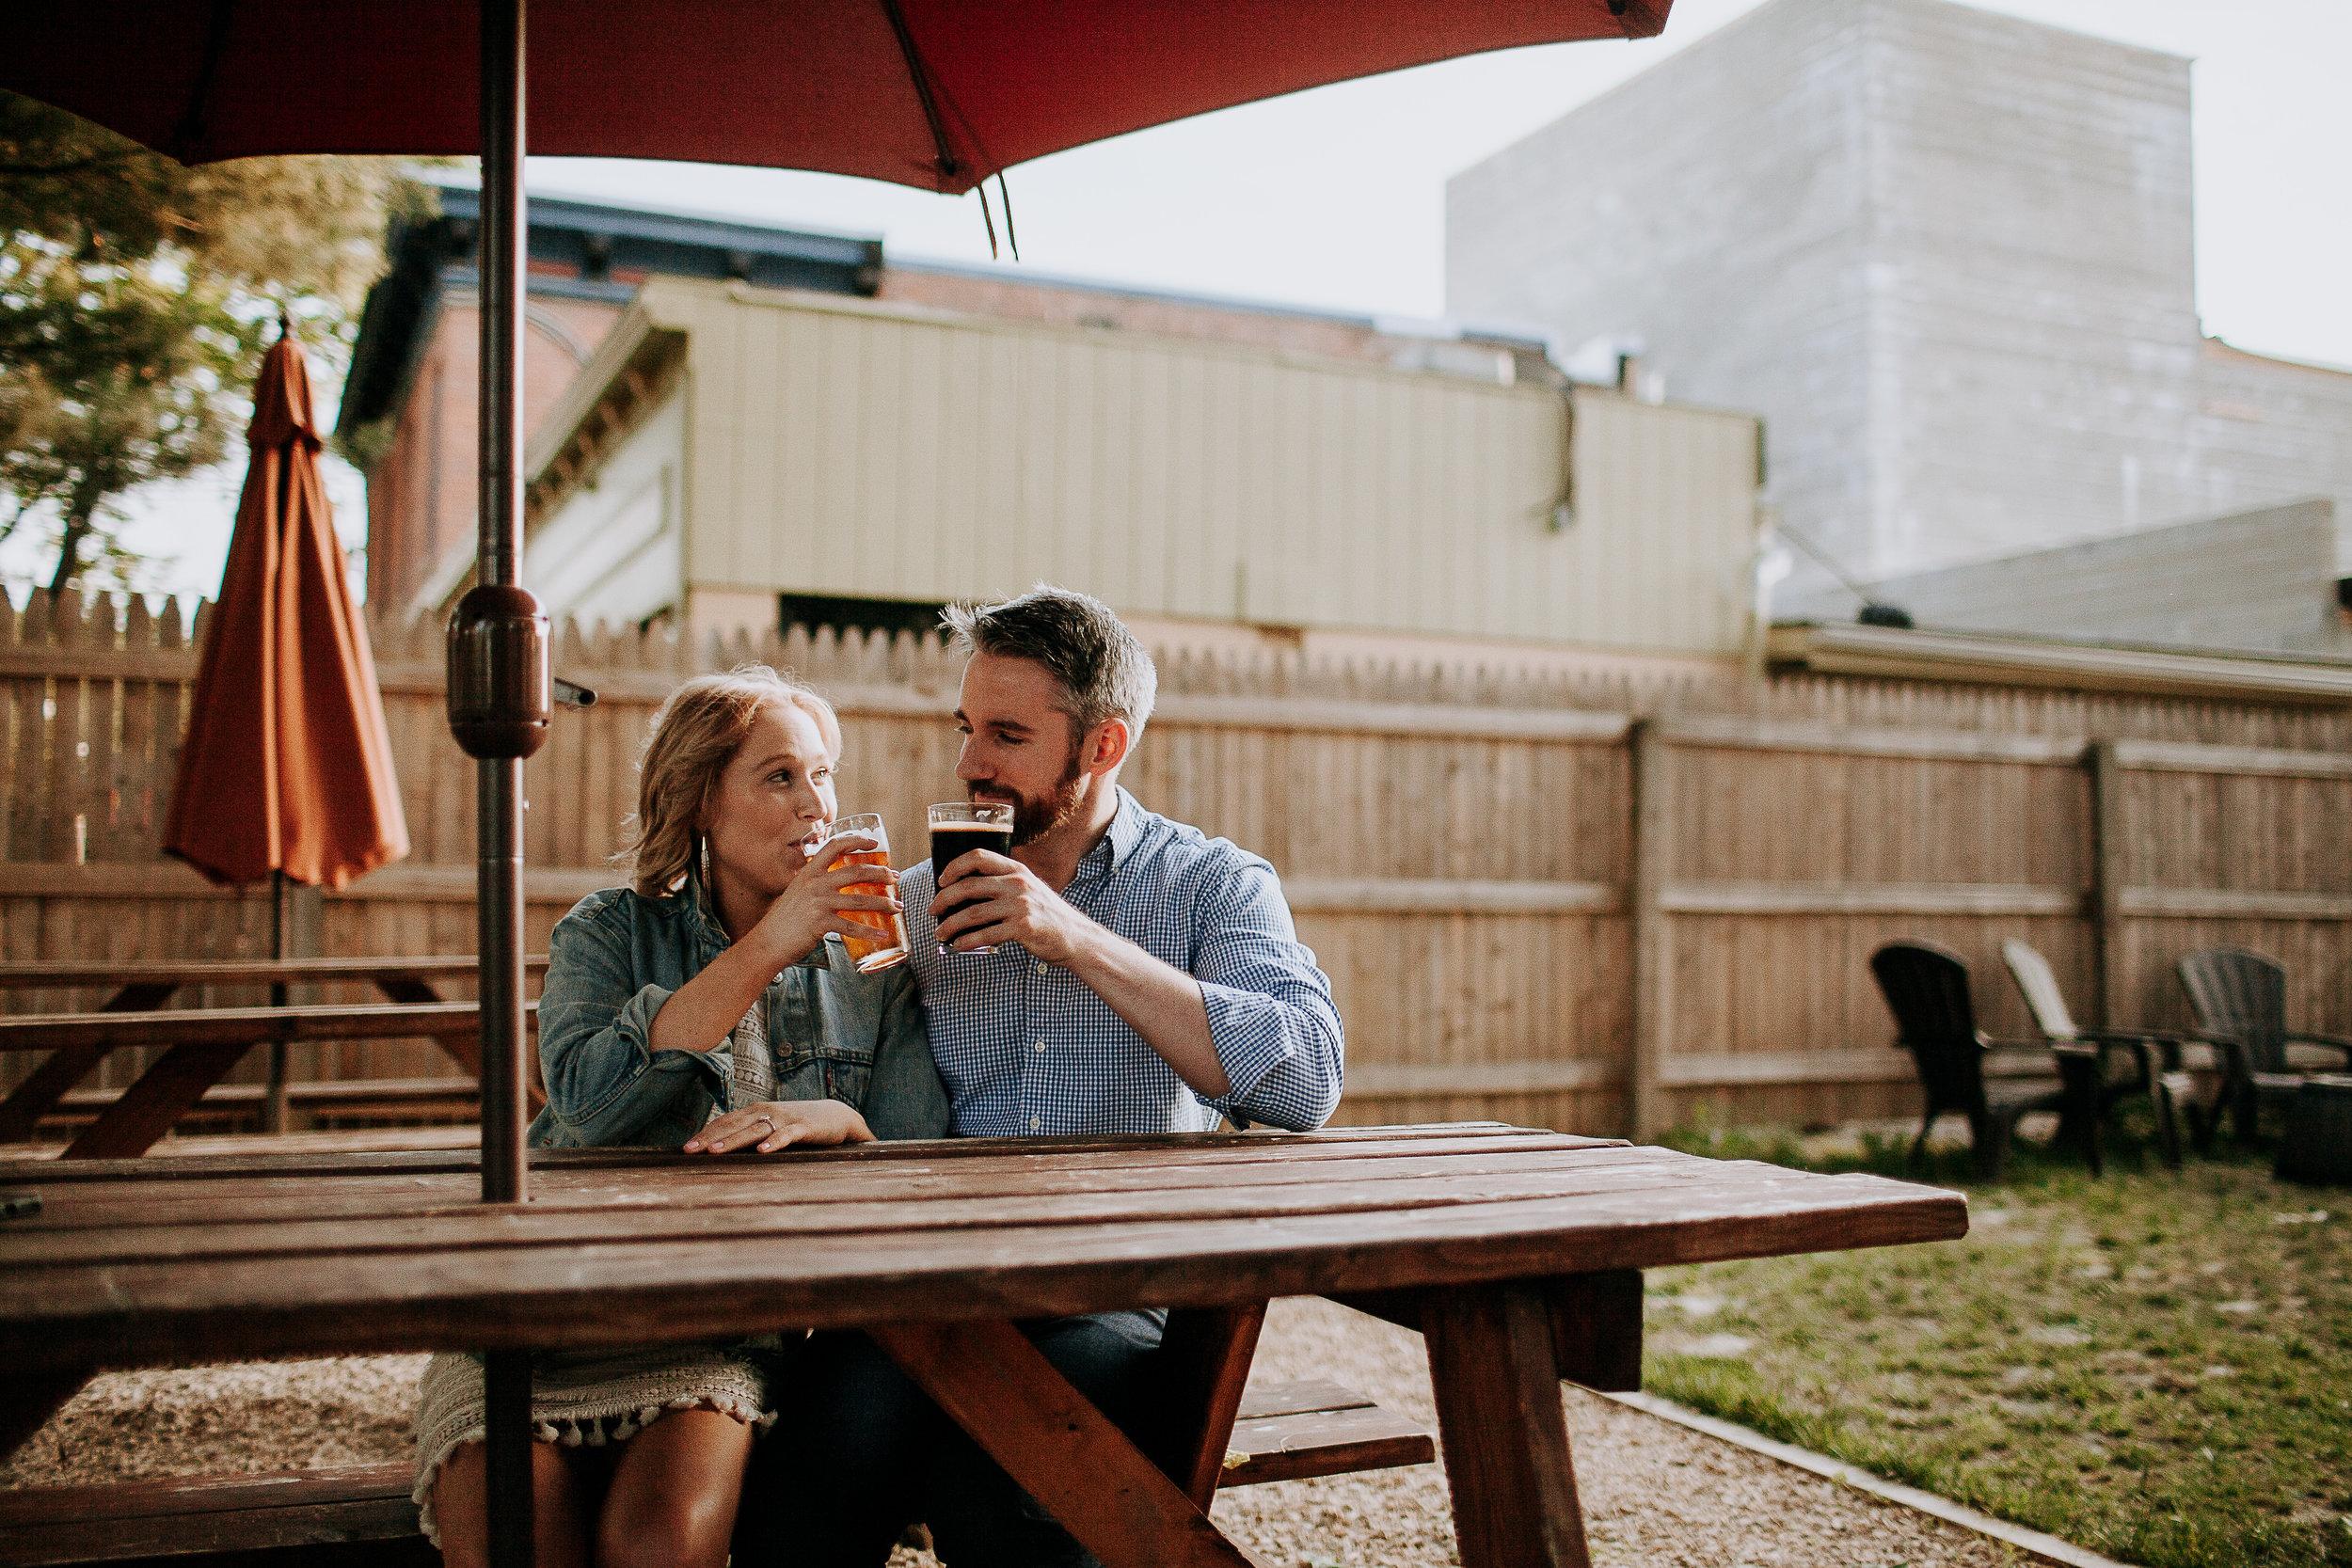 092 Lauren and Greg Engagement - 20180515.jpg